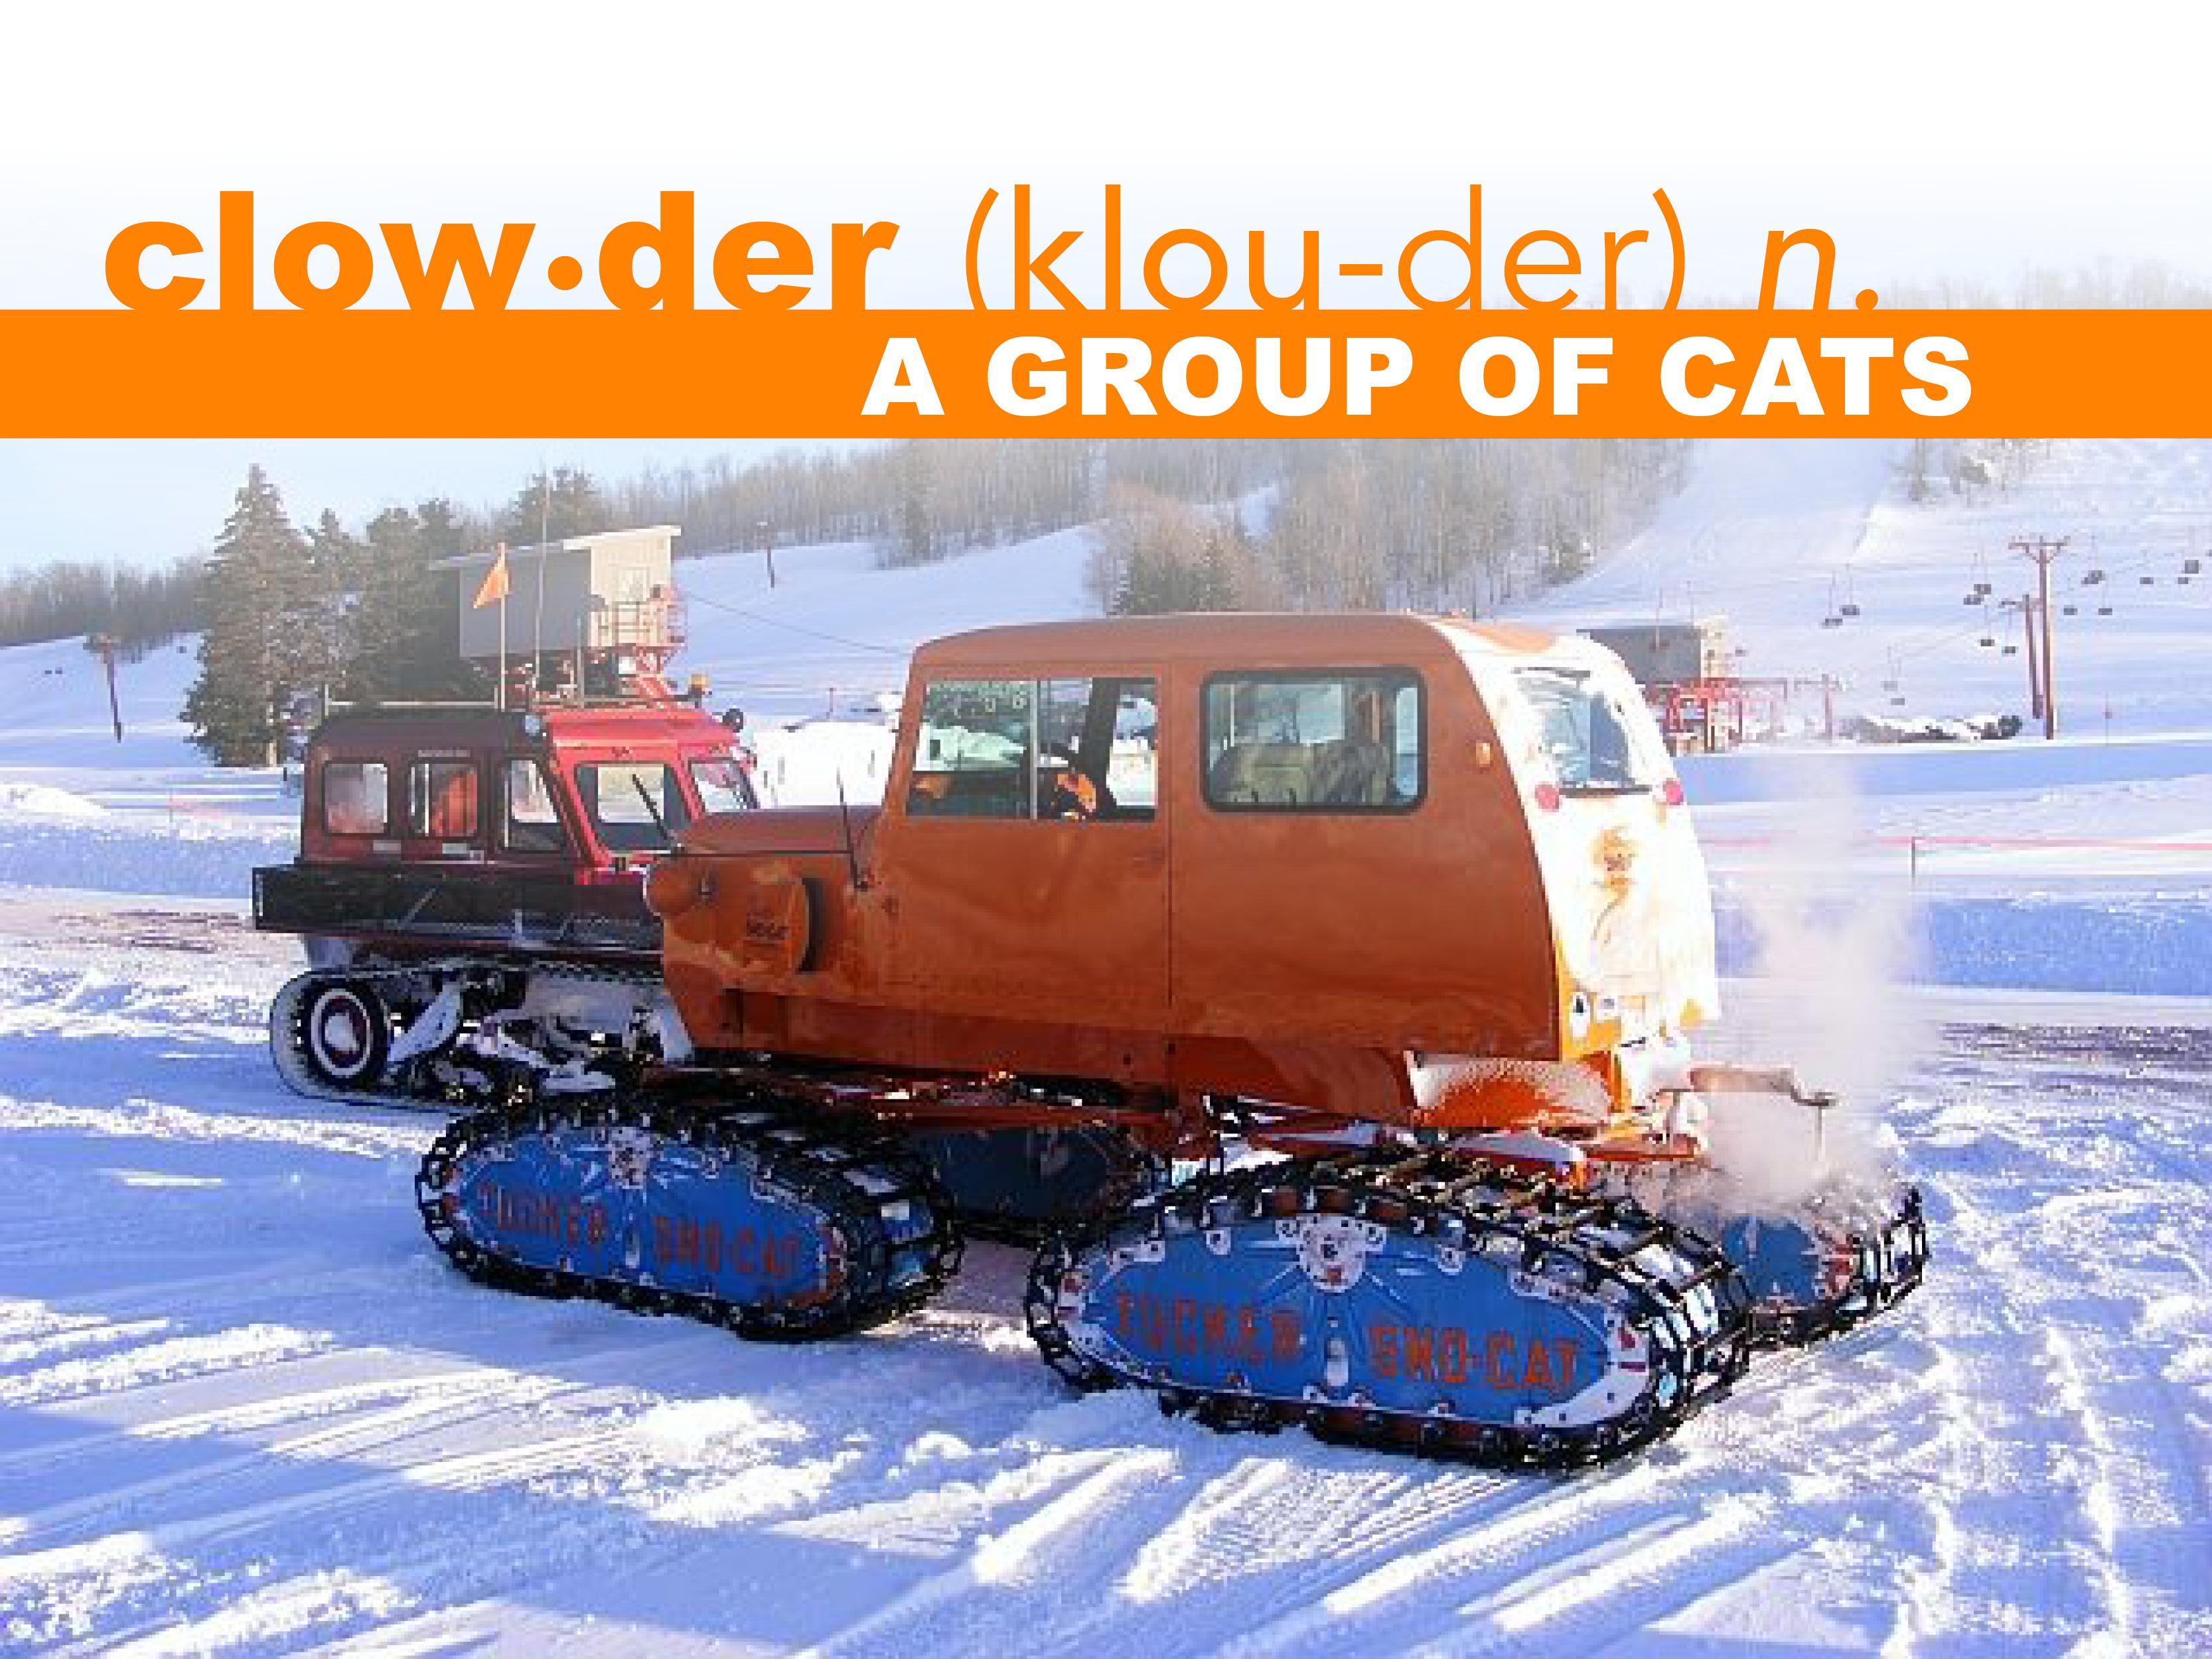 2019 Midwest Cat Clowder